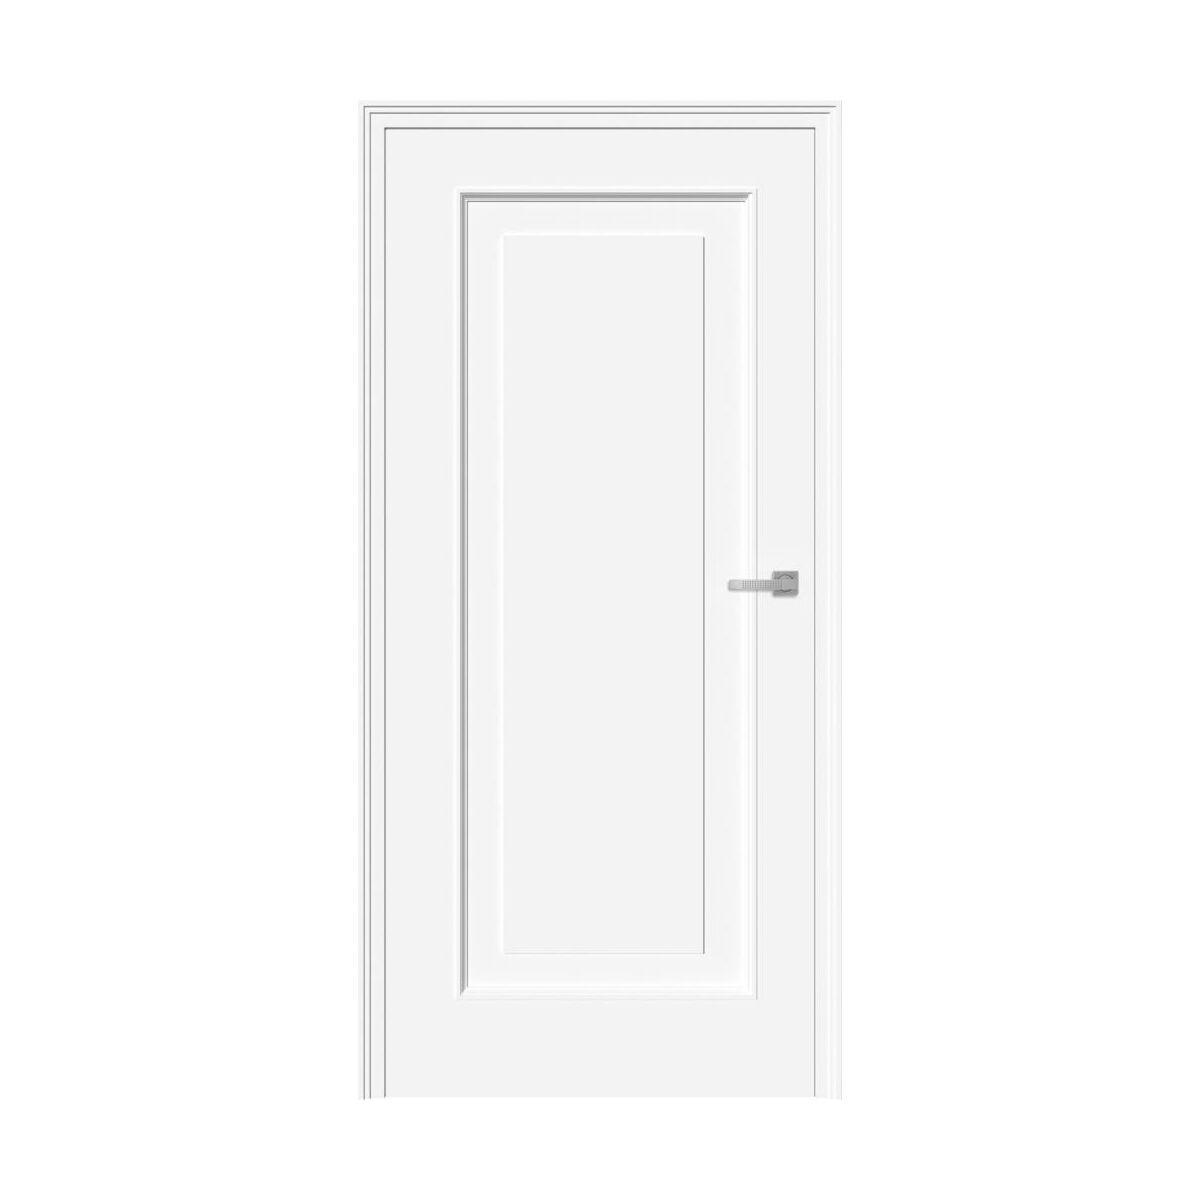 Skrzydlo Drzwiowe Pelne Zara Biale 80 Lewe Classen Drzwi Wewnetrzne W Atrakcyjnej Cenie W Sklepach Leroy Merlin